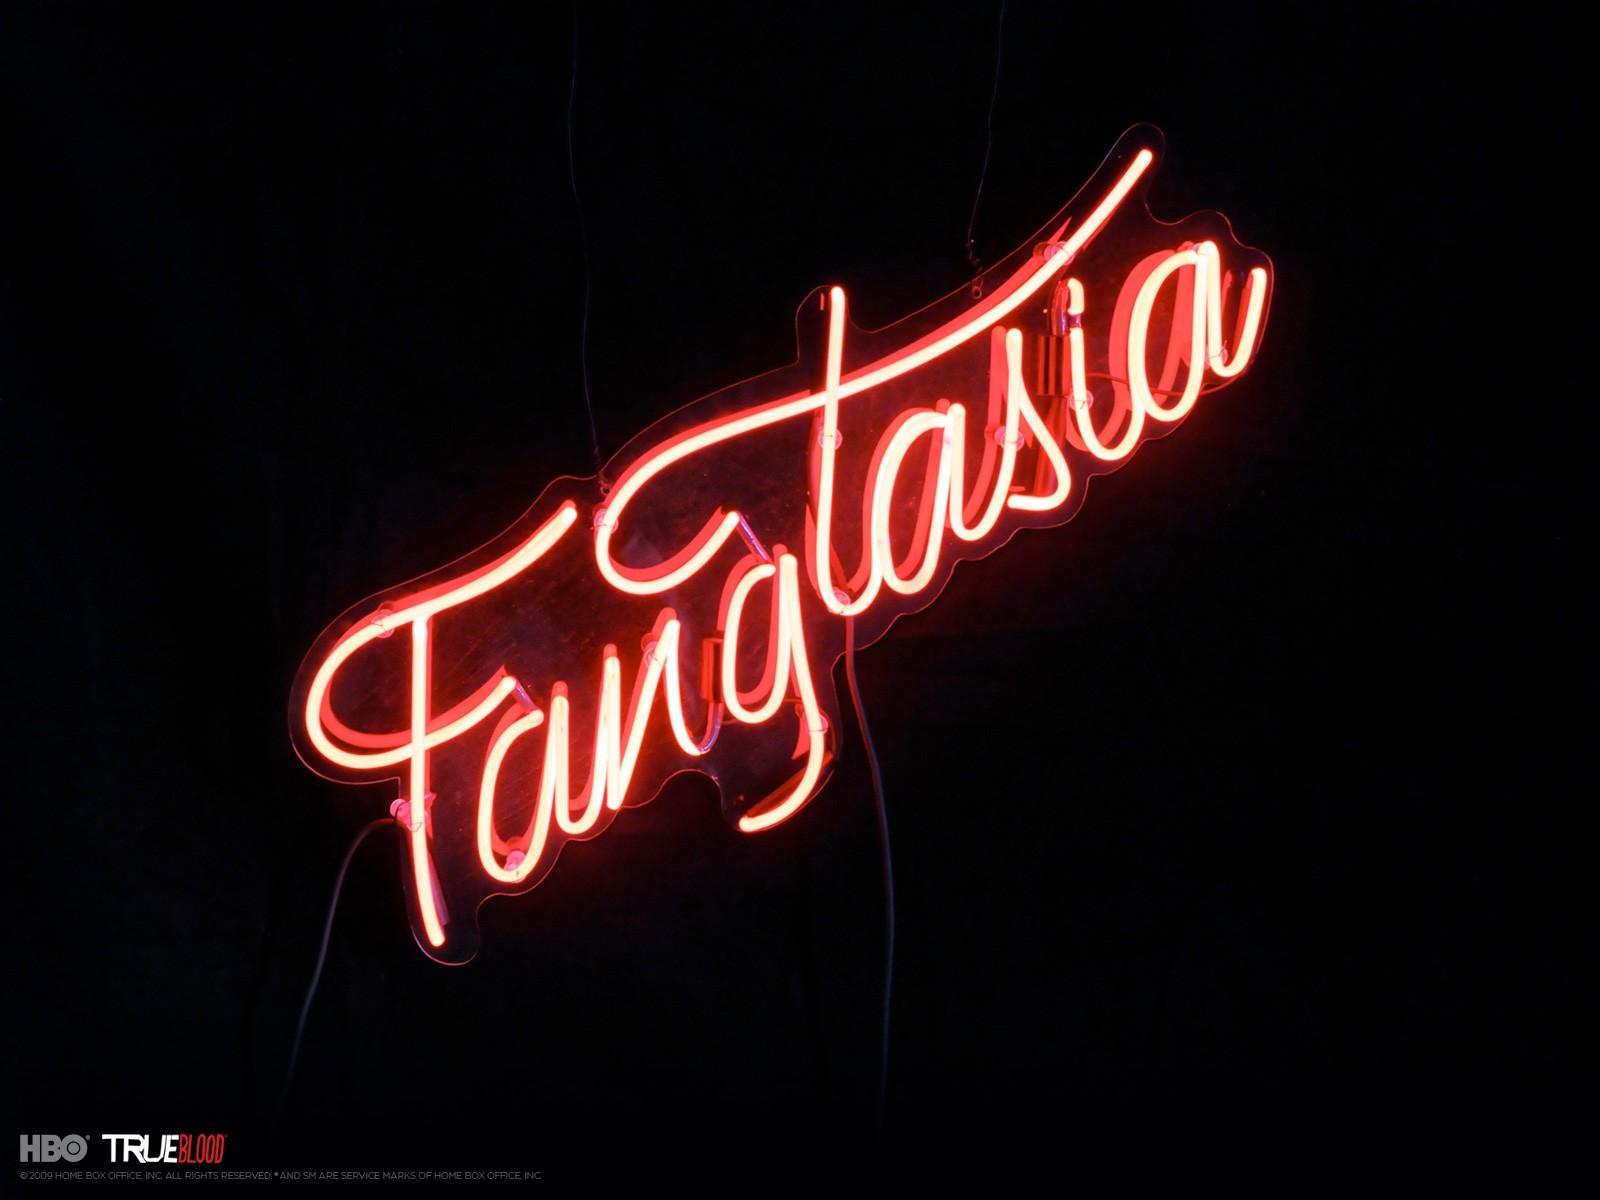 Un wallpaper del locale Fangtasia per la stagione 3 di True Blood